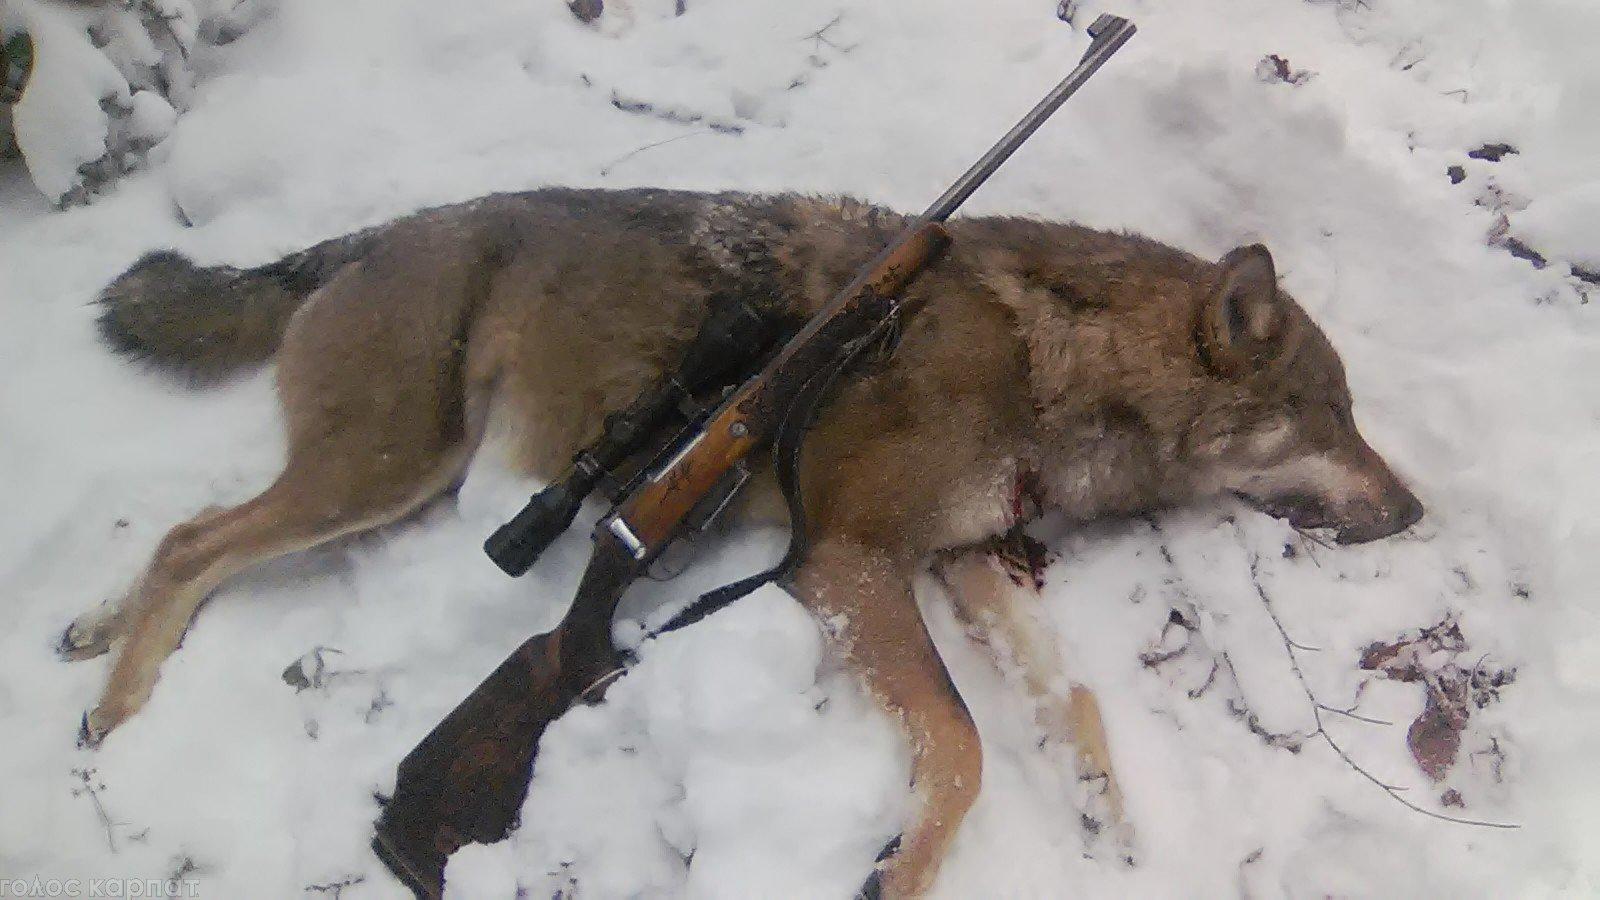 Житель Мiжгiрщини вполював вовка (ФОТО)